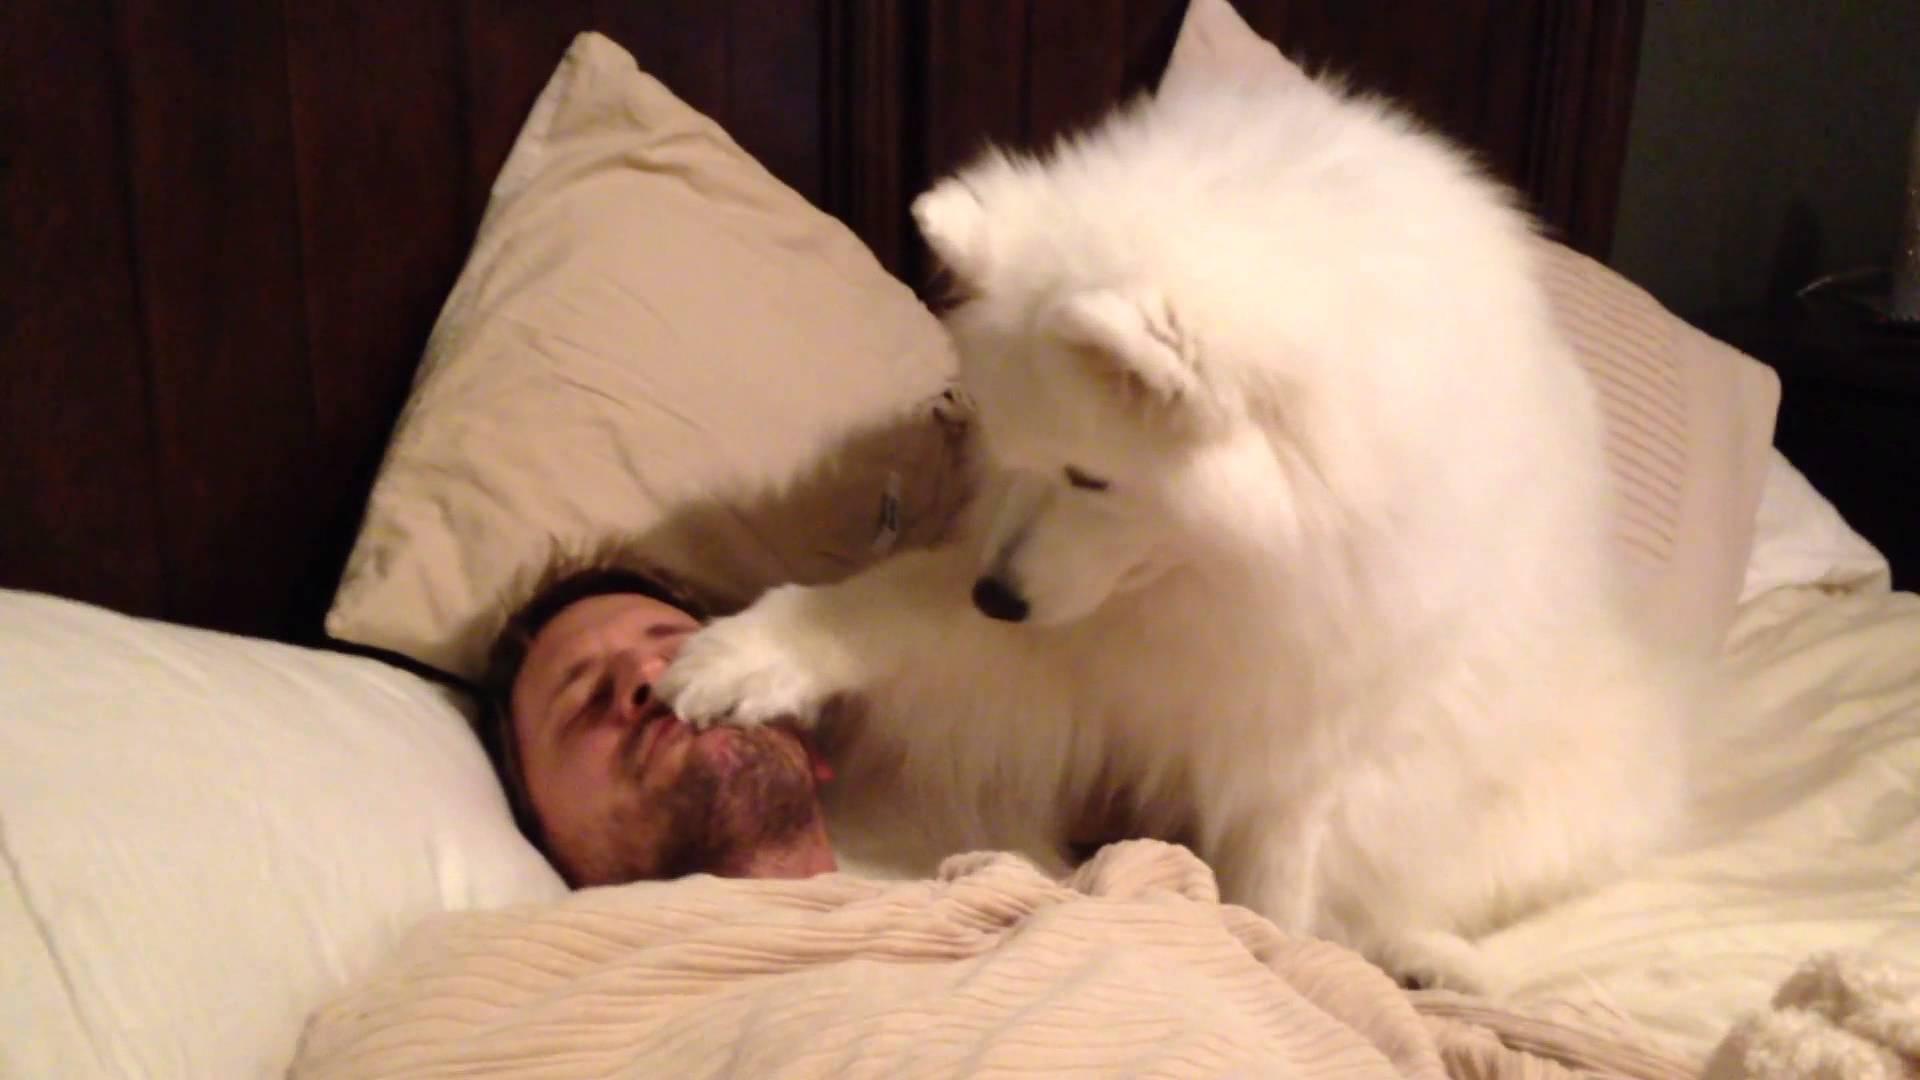 イケメンパパの寝込みを襲う巨大モフモフ犬!